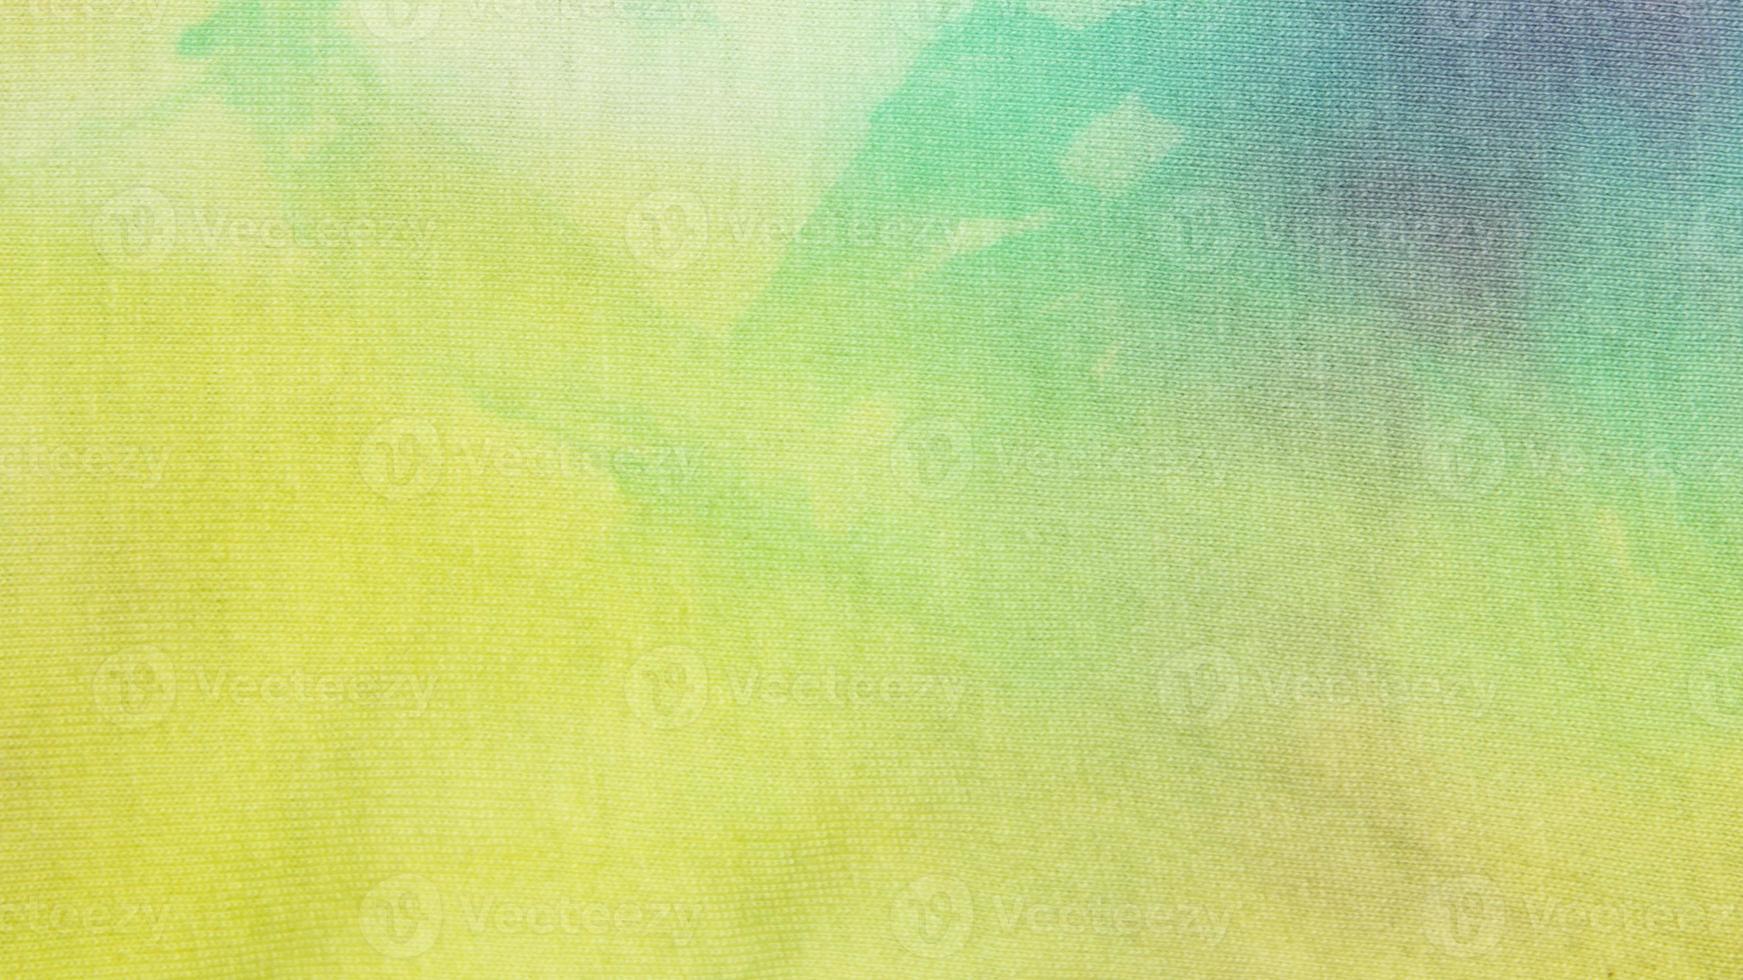 kleurrijke tie dye stof textuur foto